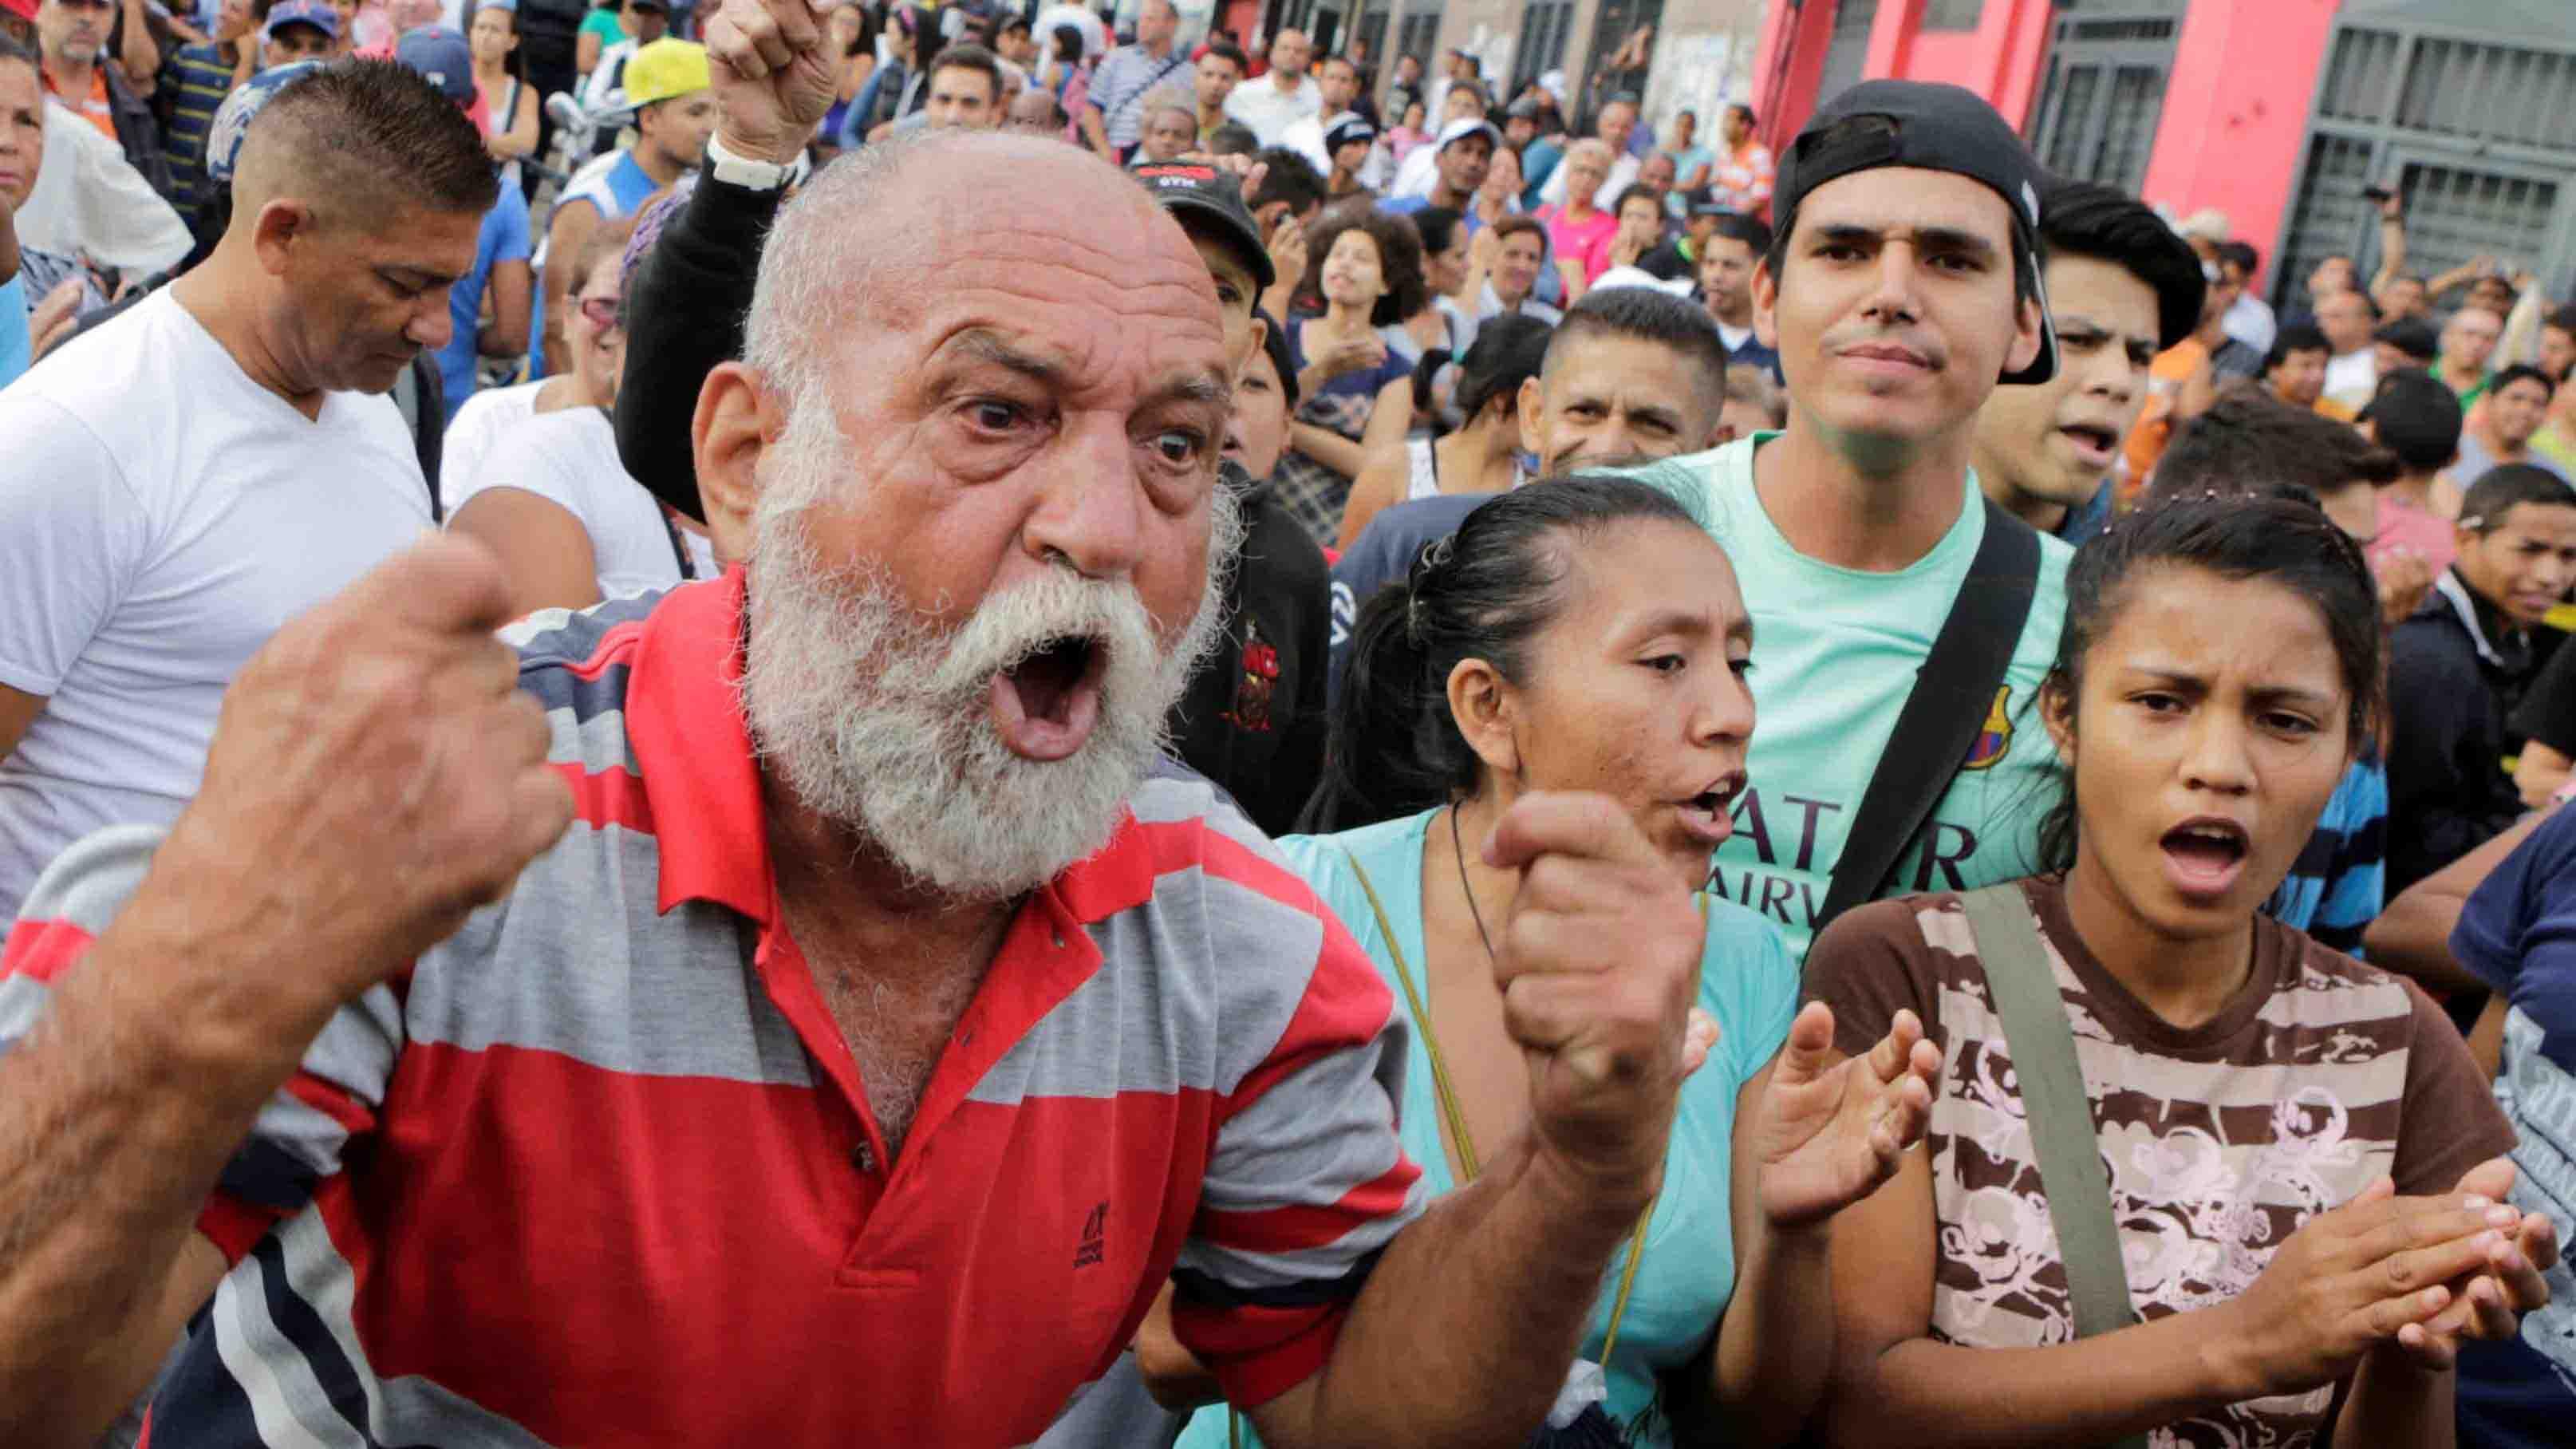 DOBLE LLAVE - El Observatorio Venezolano de Conflictividad Social indicó que este año la exigencia en las calles se debe a la falta de suministros básicos